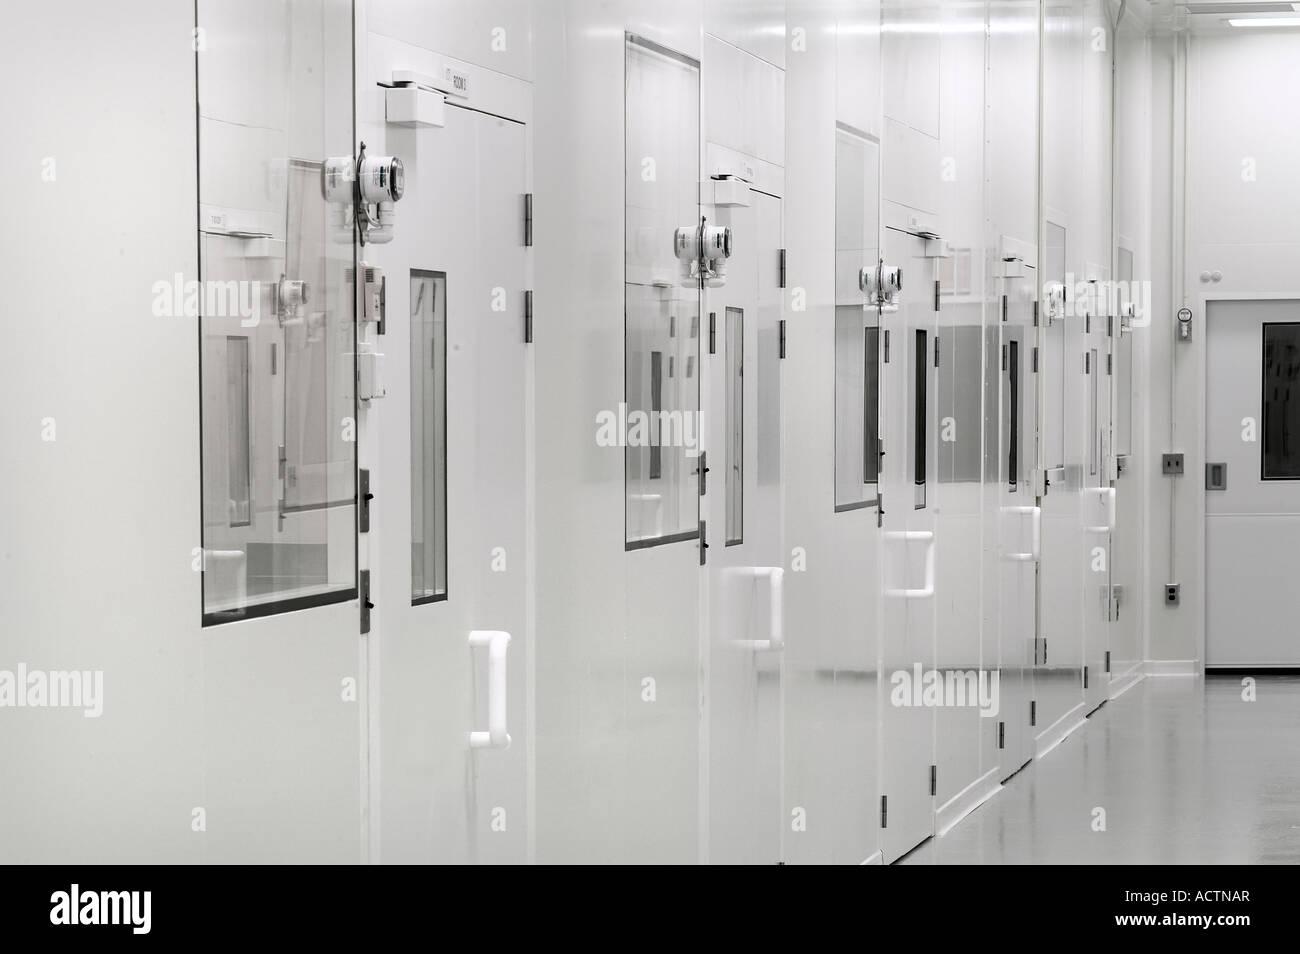 Biotecnologia Farmaceutica Sterile camera pulita in corridoio, Philadelphia, Stati Uniti d'America Immagini Stock